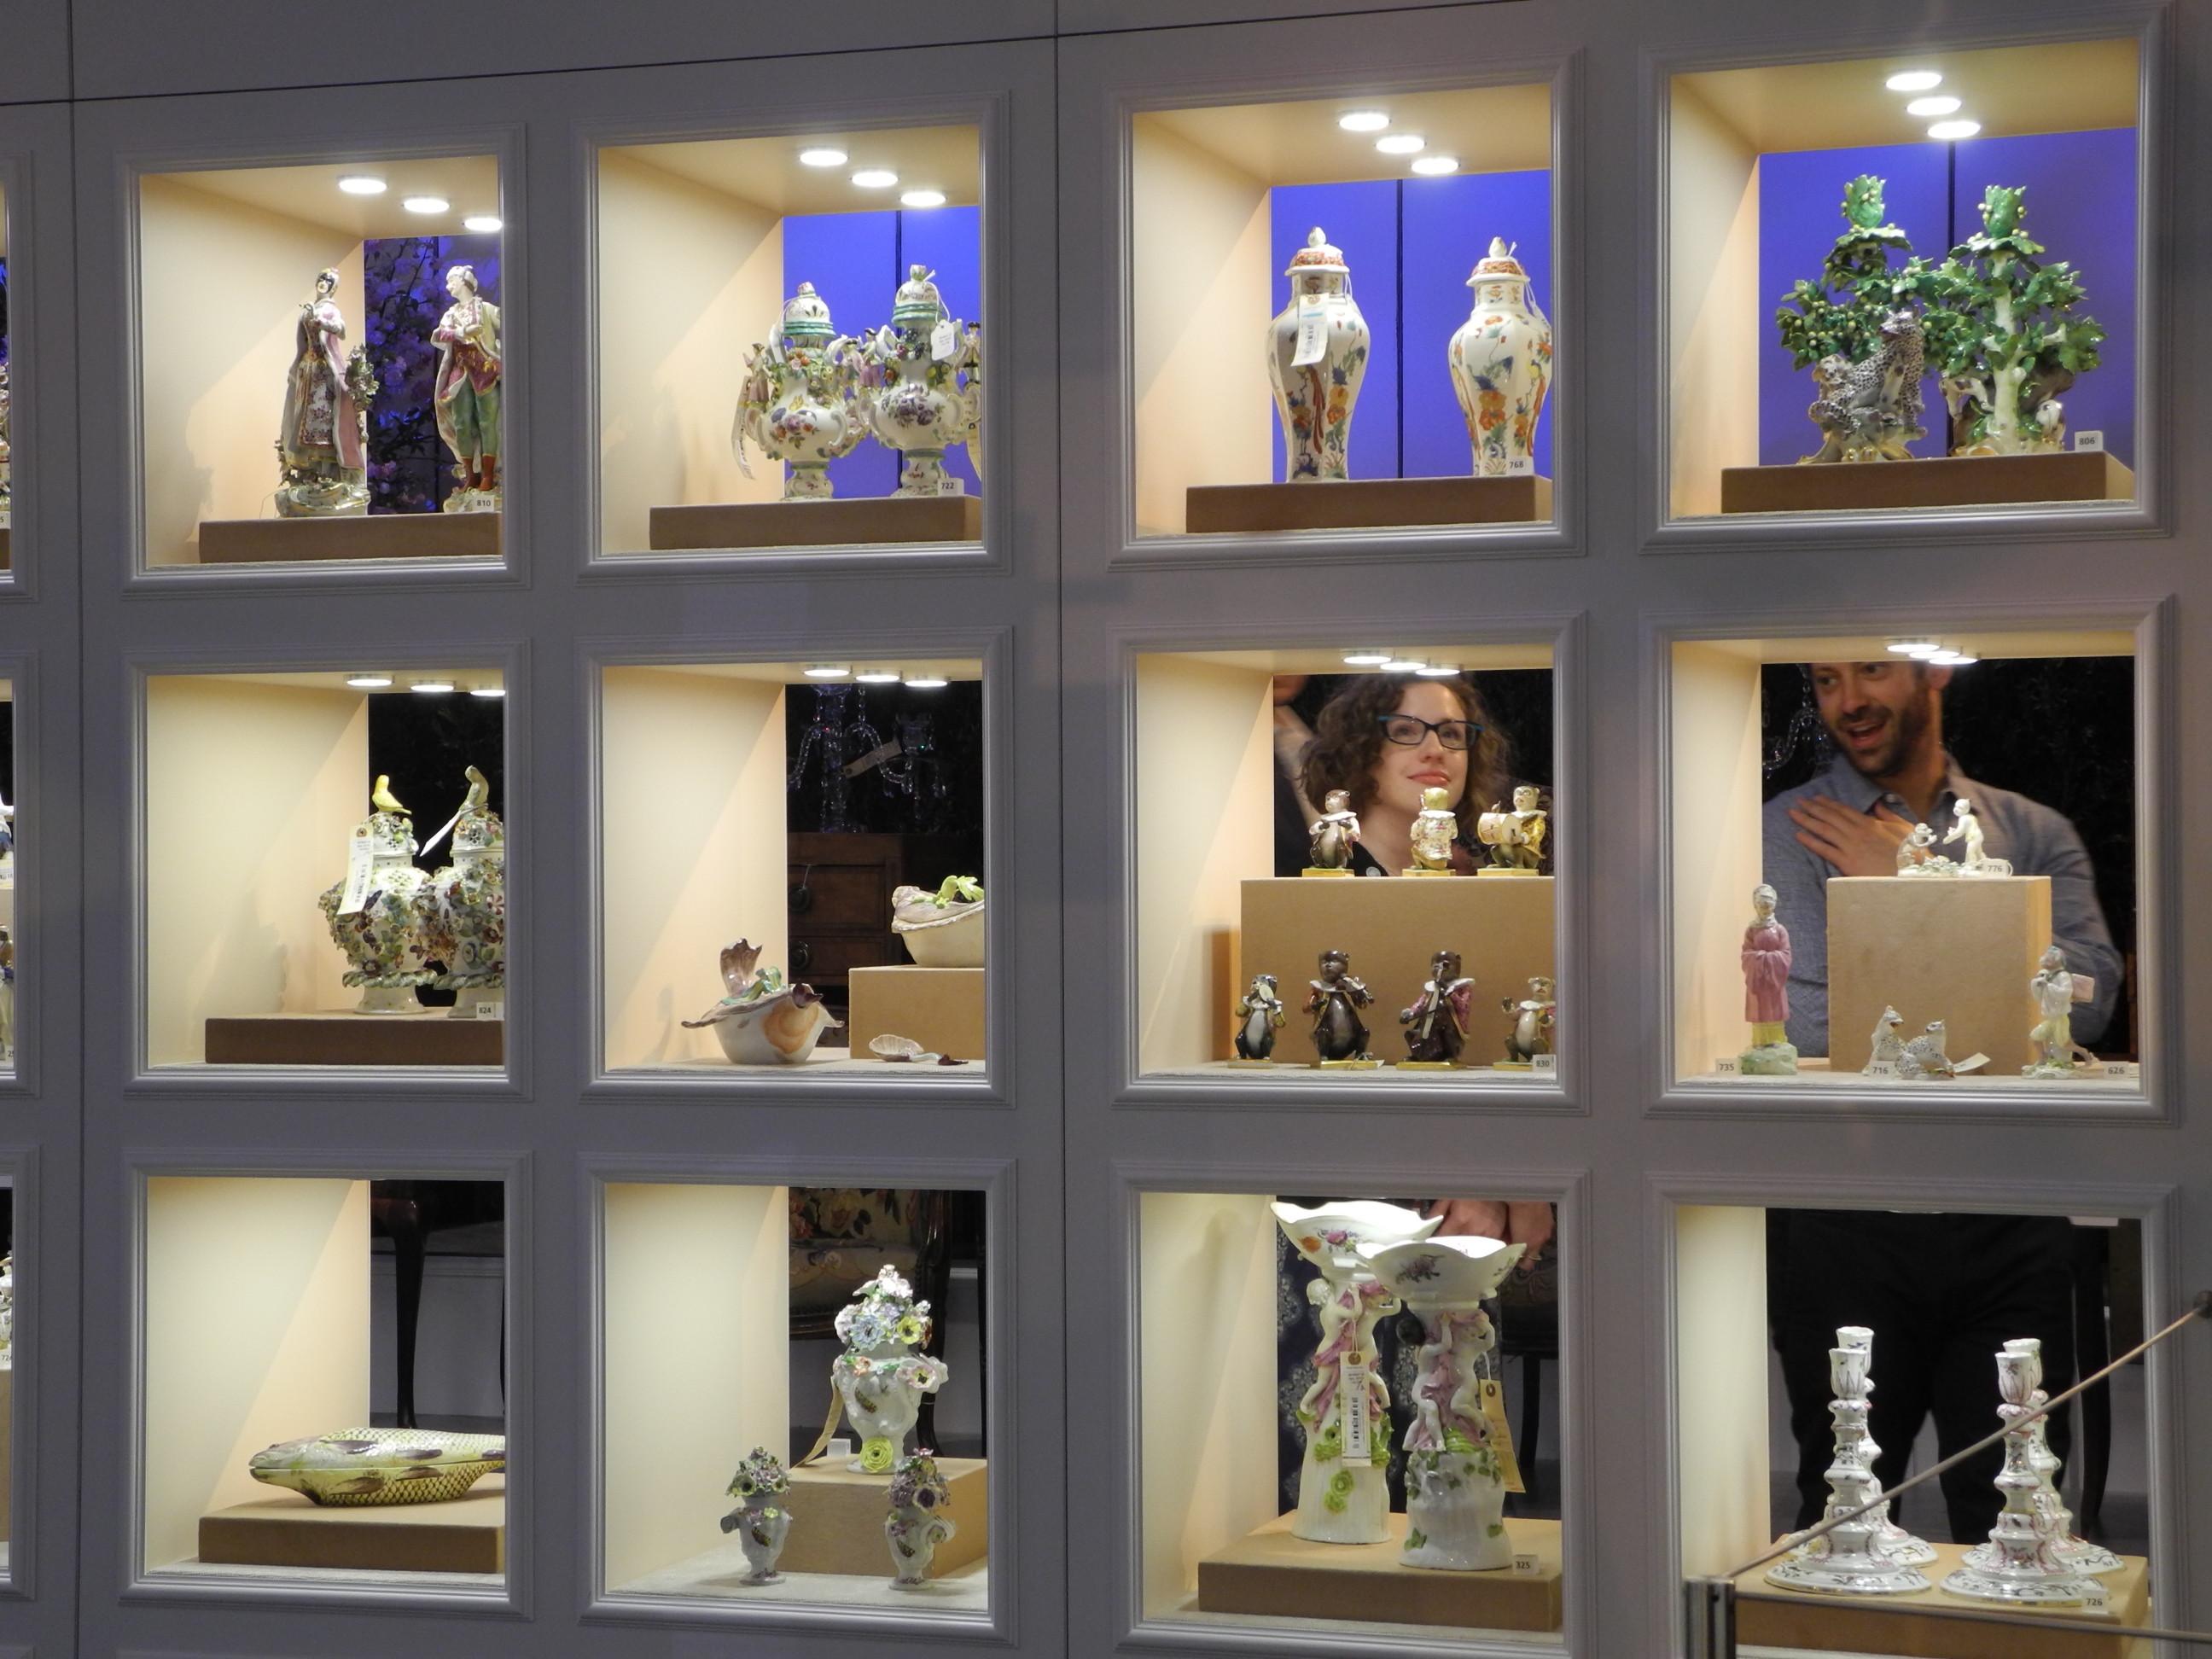 Коллекция Рокфеллера ушла смолотка за830 млн долларов